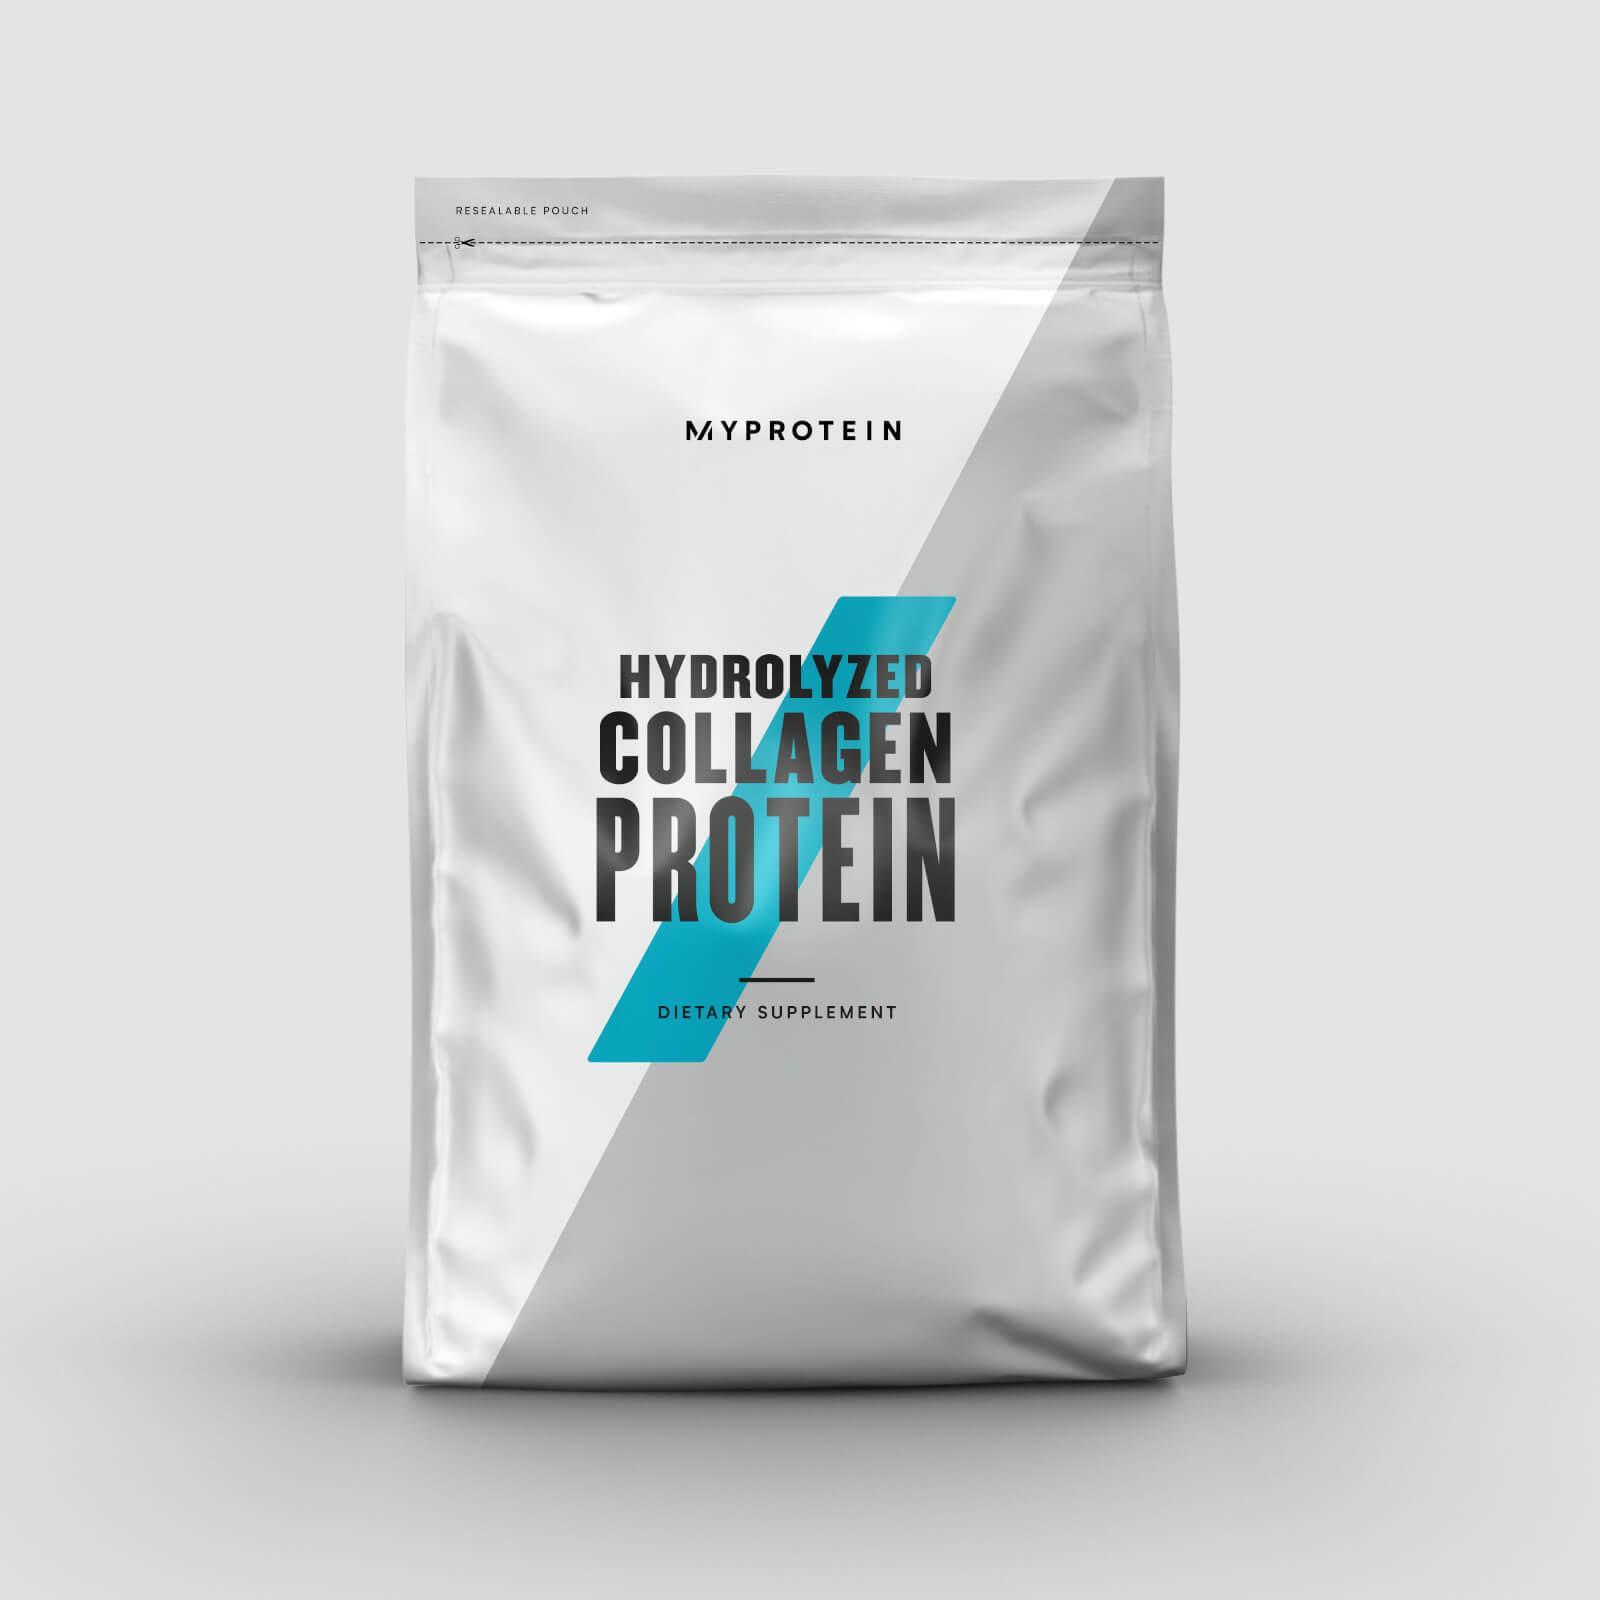 Myprotein Collagen Protein - 2.2lb - Unflavored